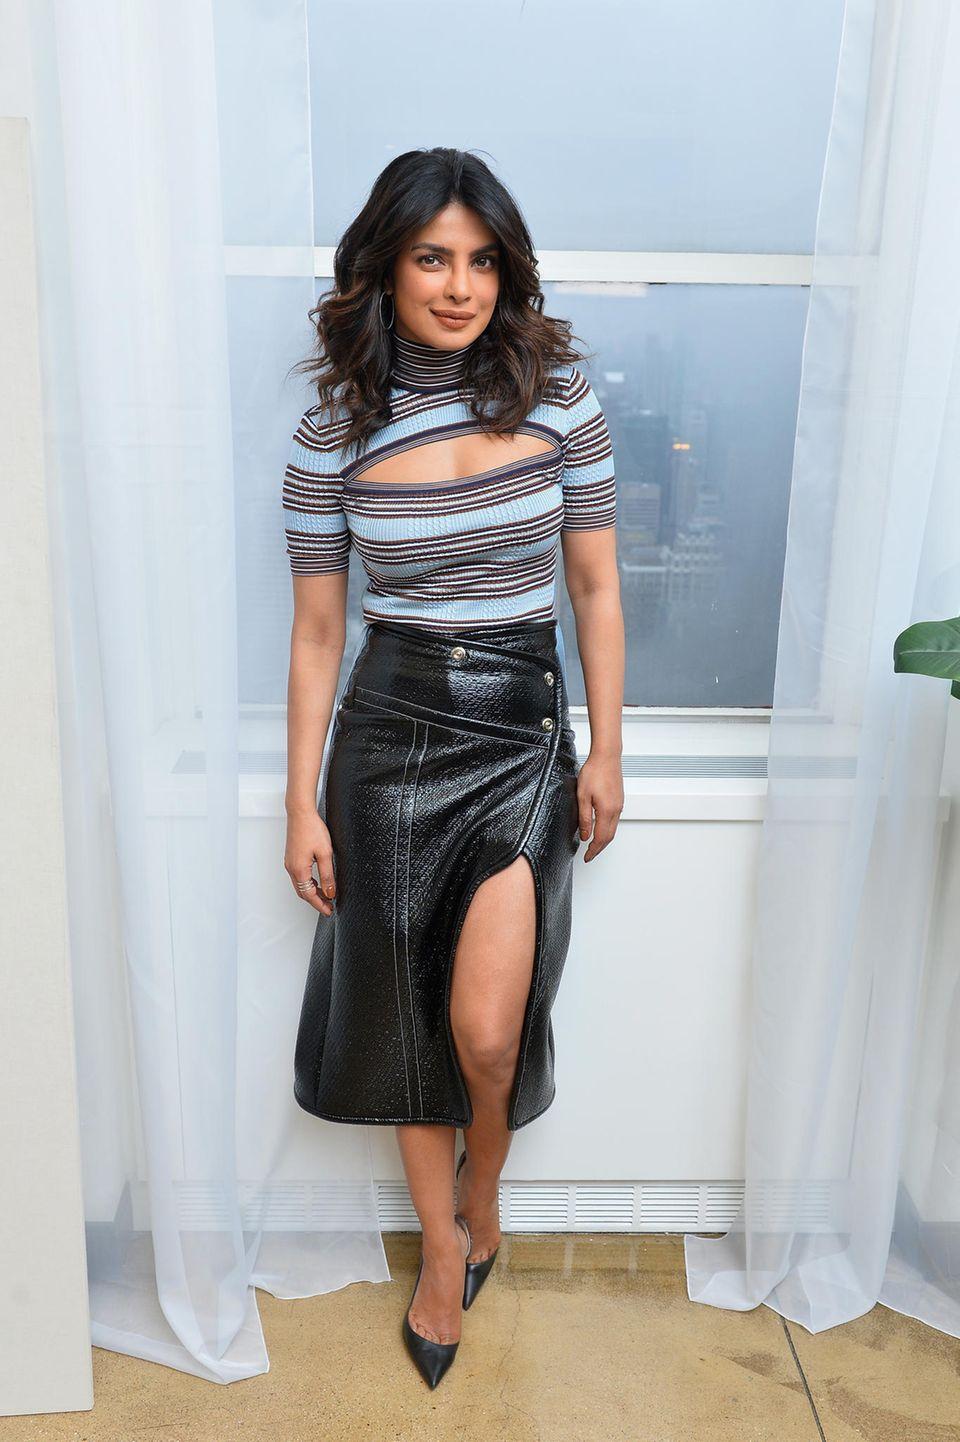 SchauspielerinPriyanka Chopra